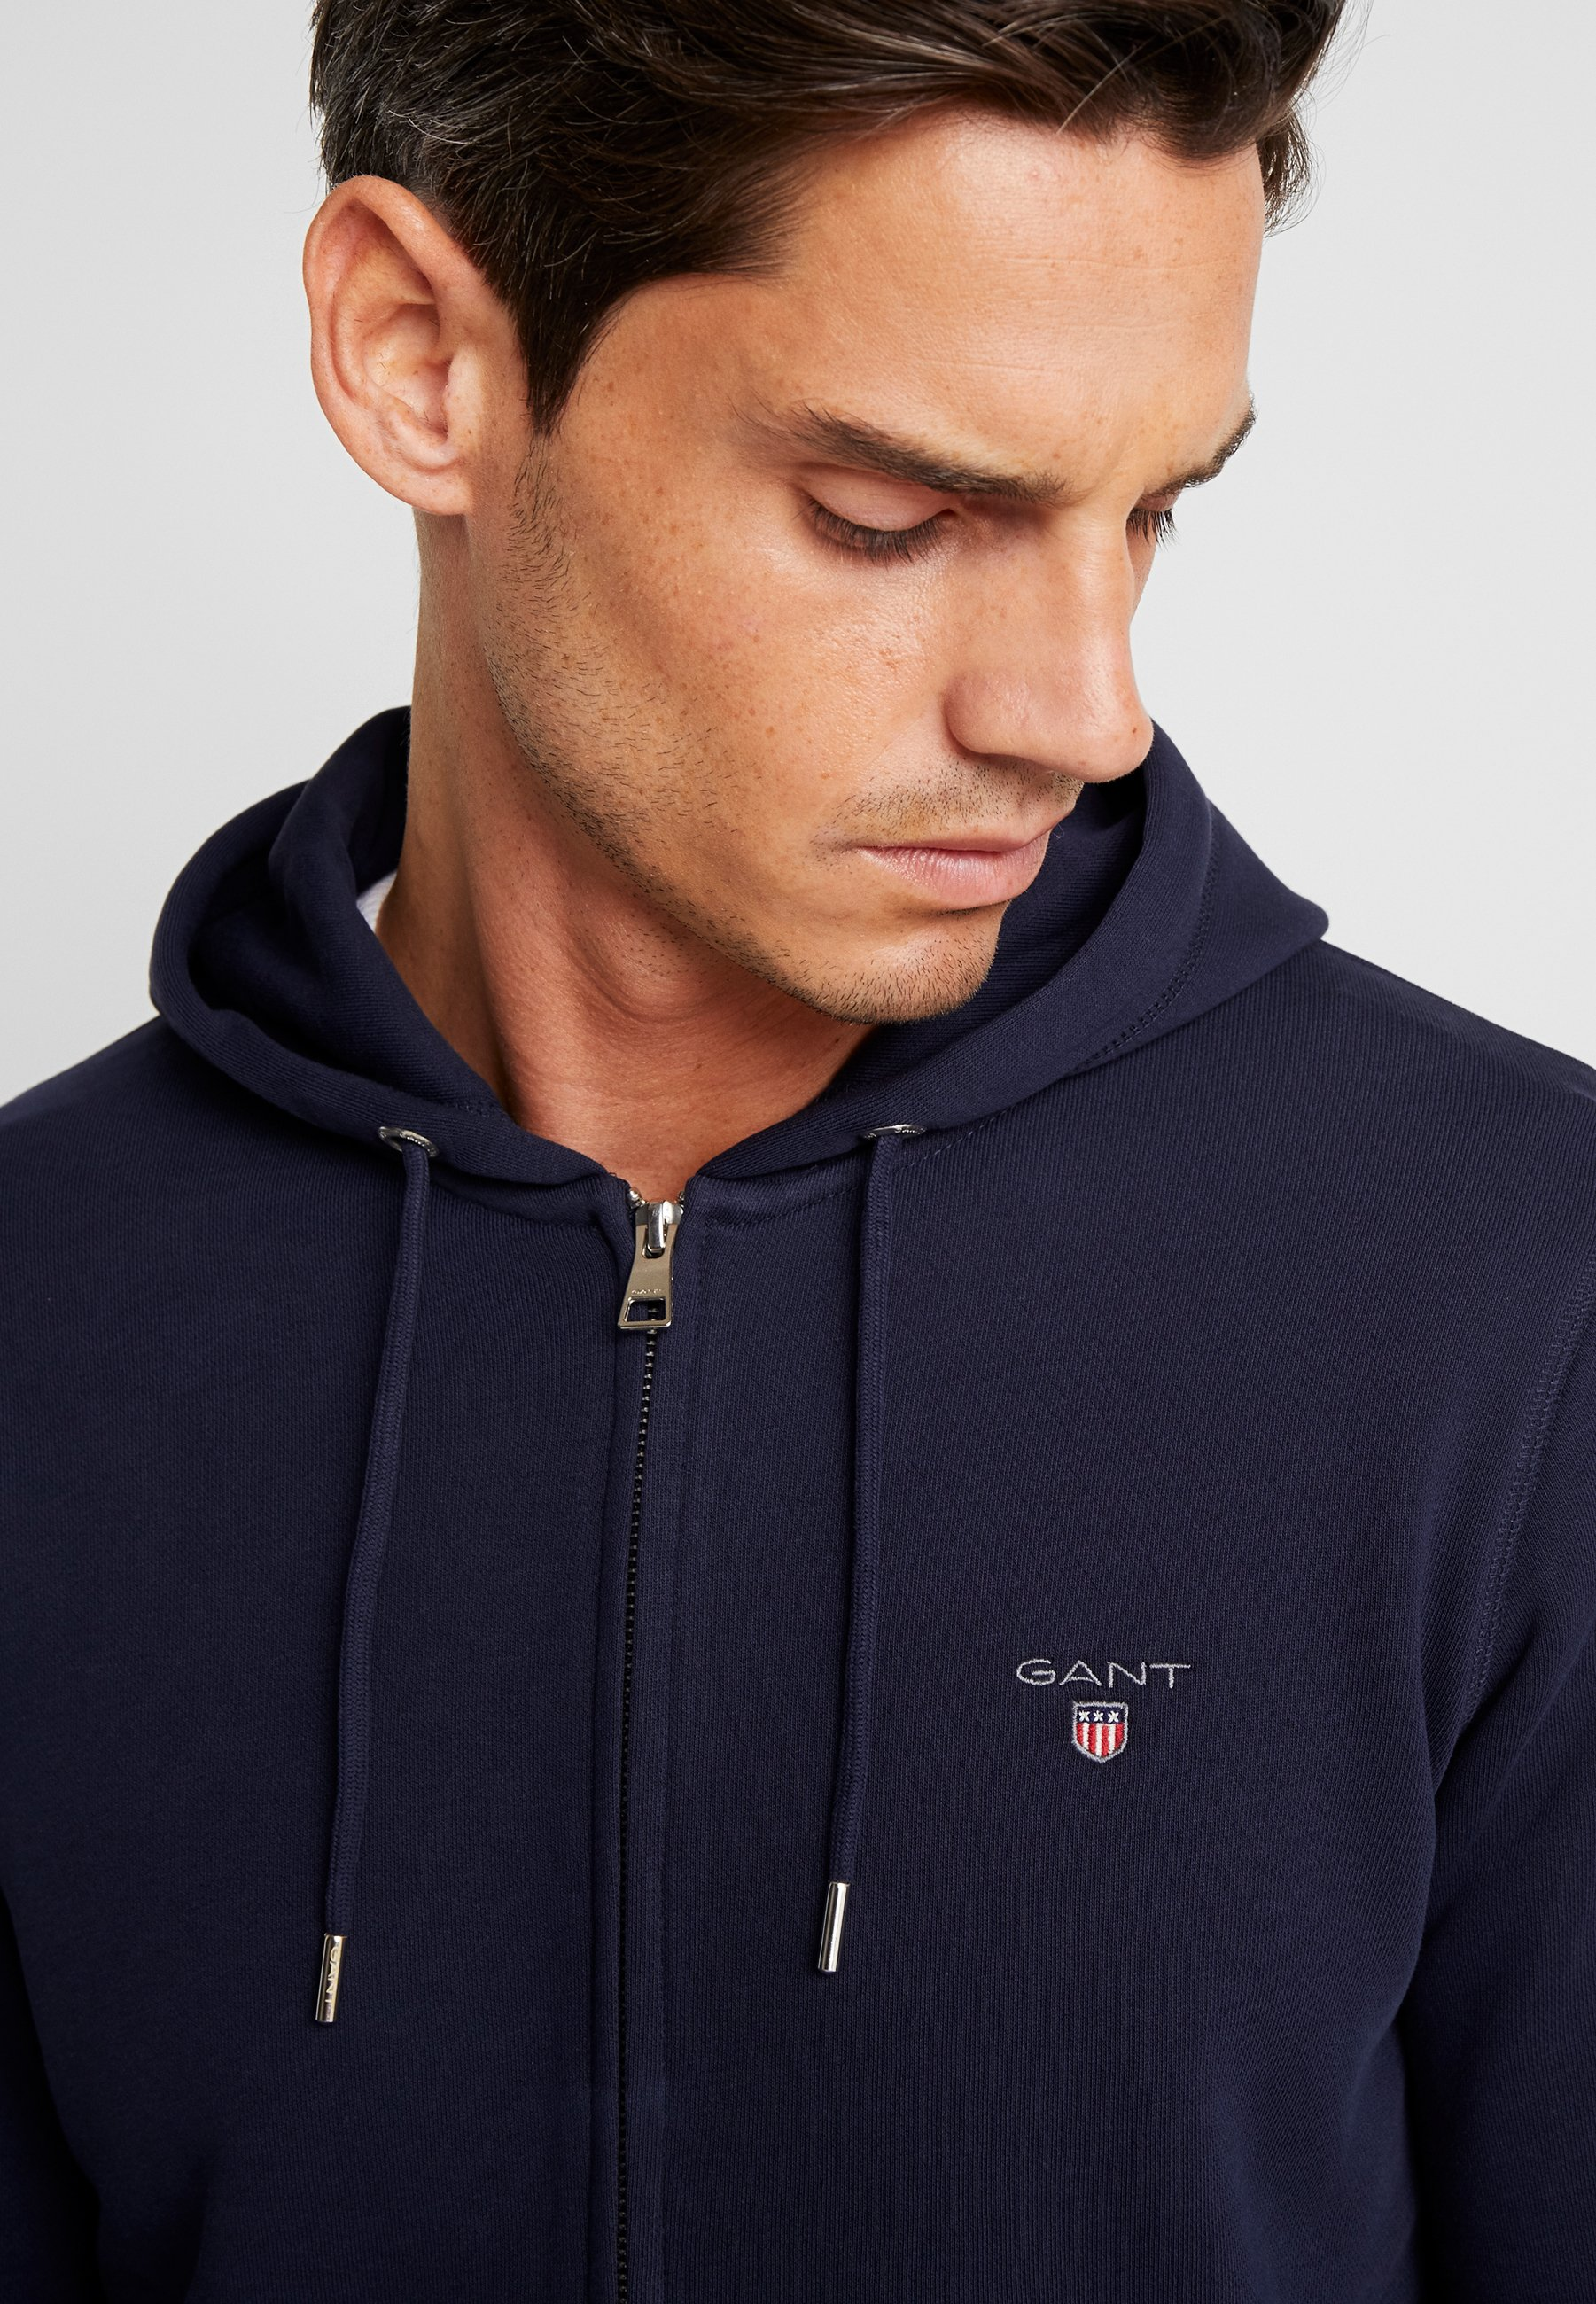 GANT THE ORIGINAL FULL ZIP HOODIE veste en sweat zippée